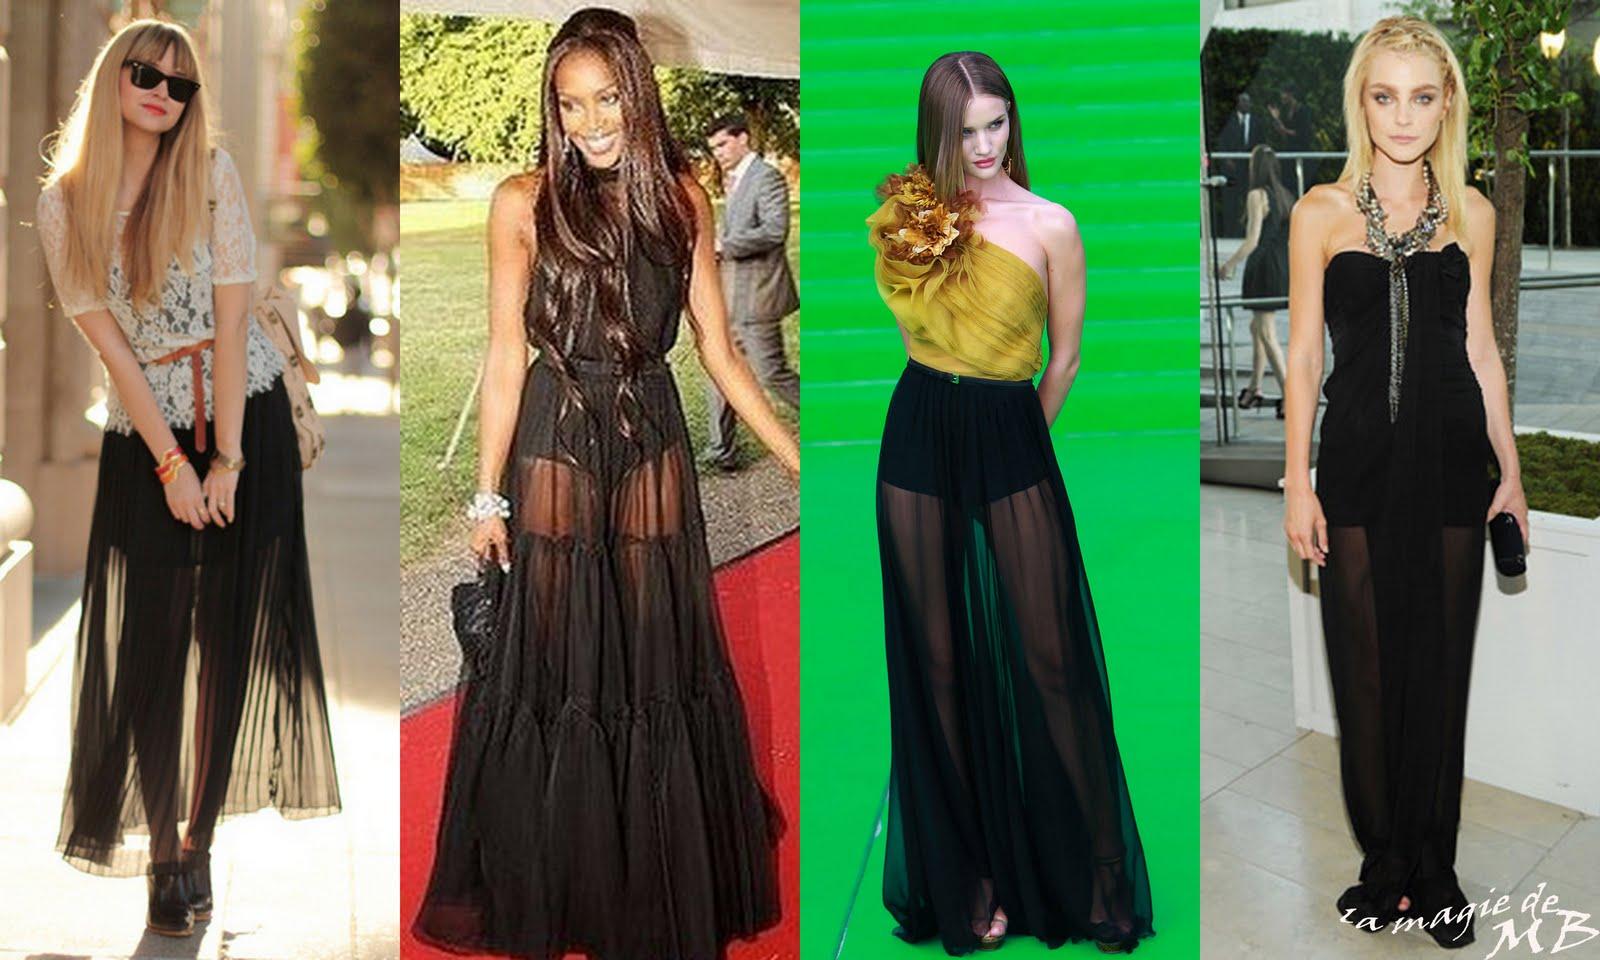 2012 Yıl Sonu Mezuniyet Balosu Kıyafetleri